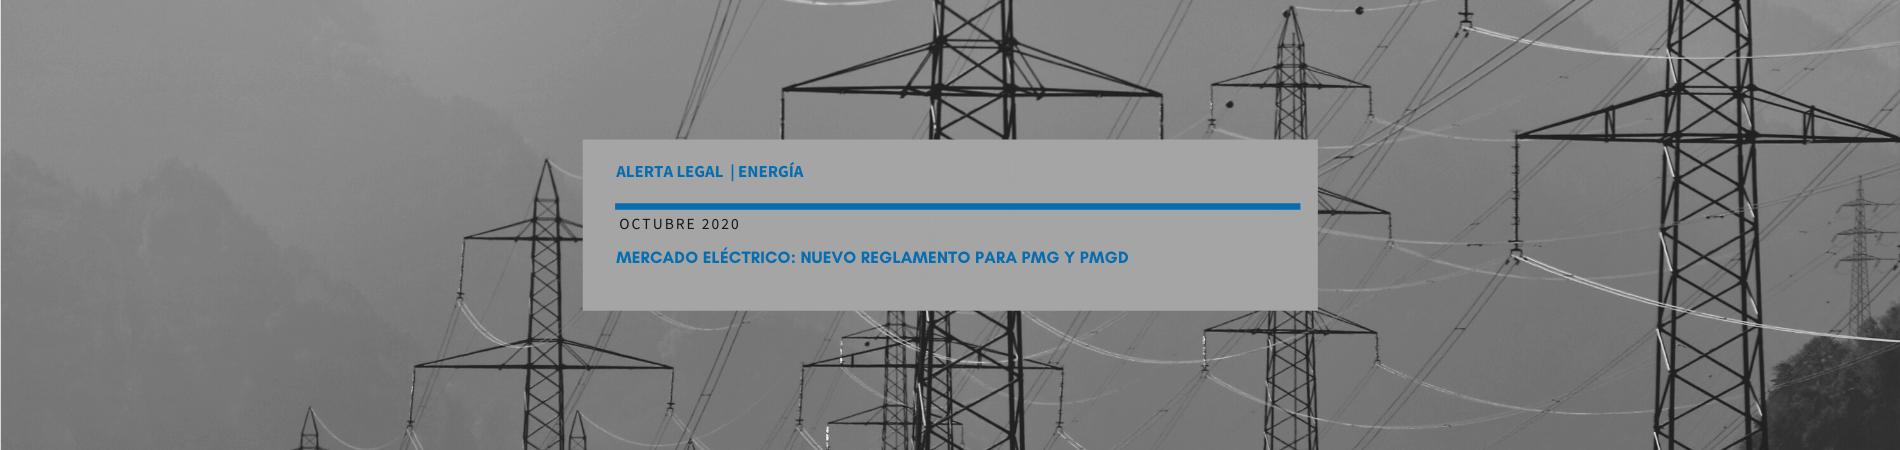 Alerta Legal M&B | Mercado eléctrico: Nuevo Reglamento para PMG y PMGD